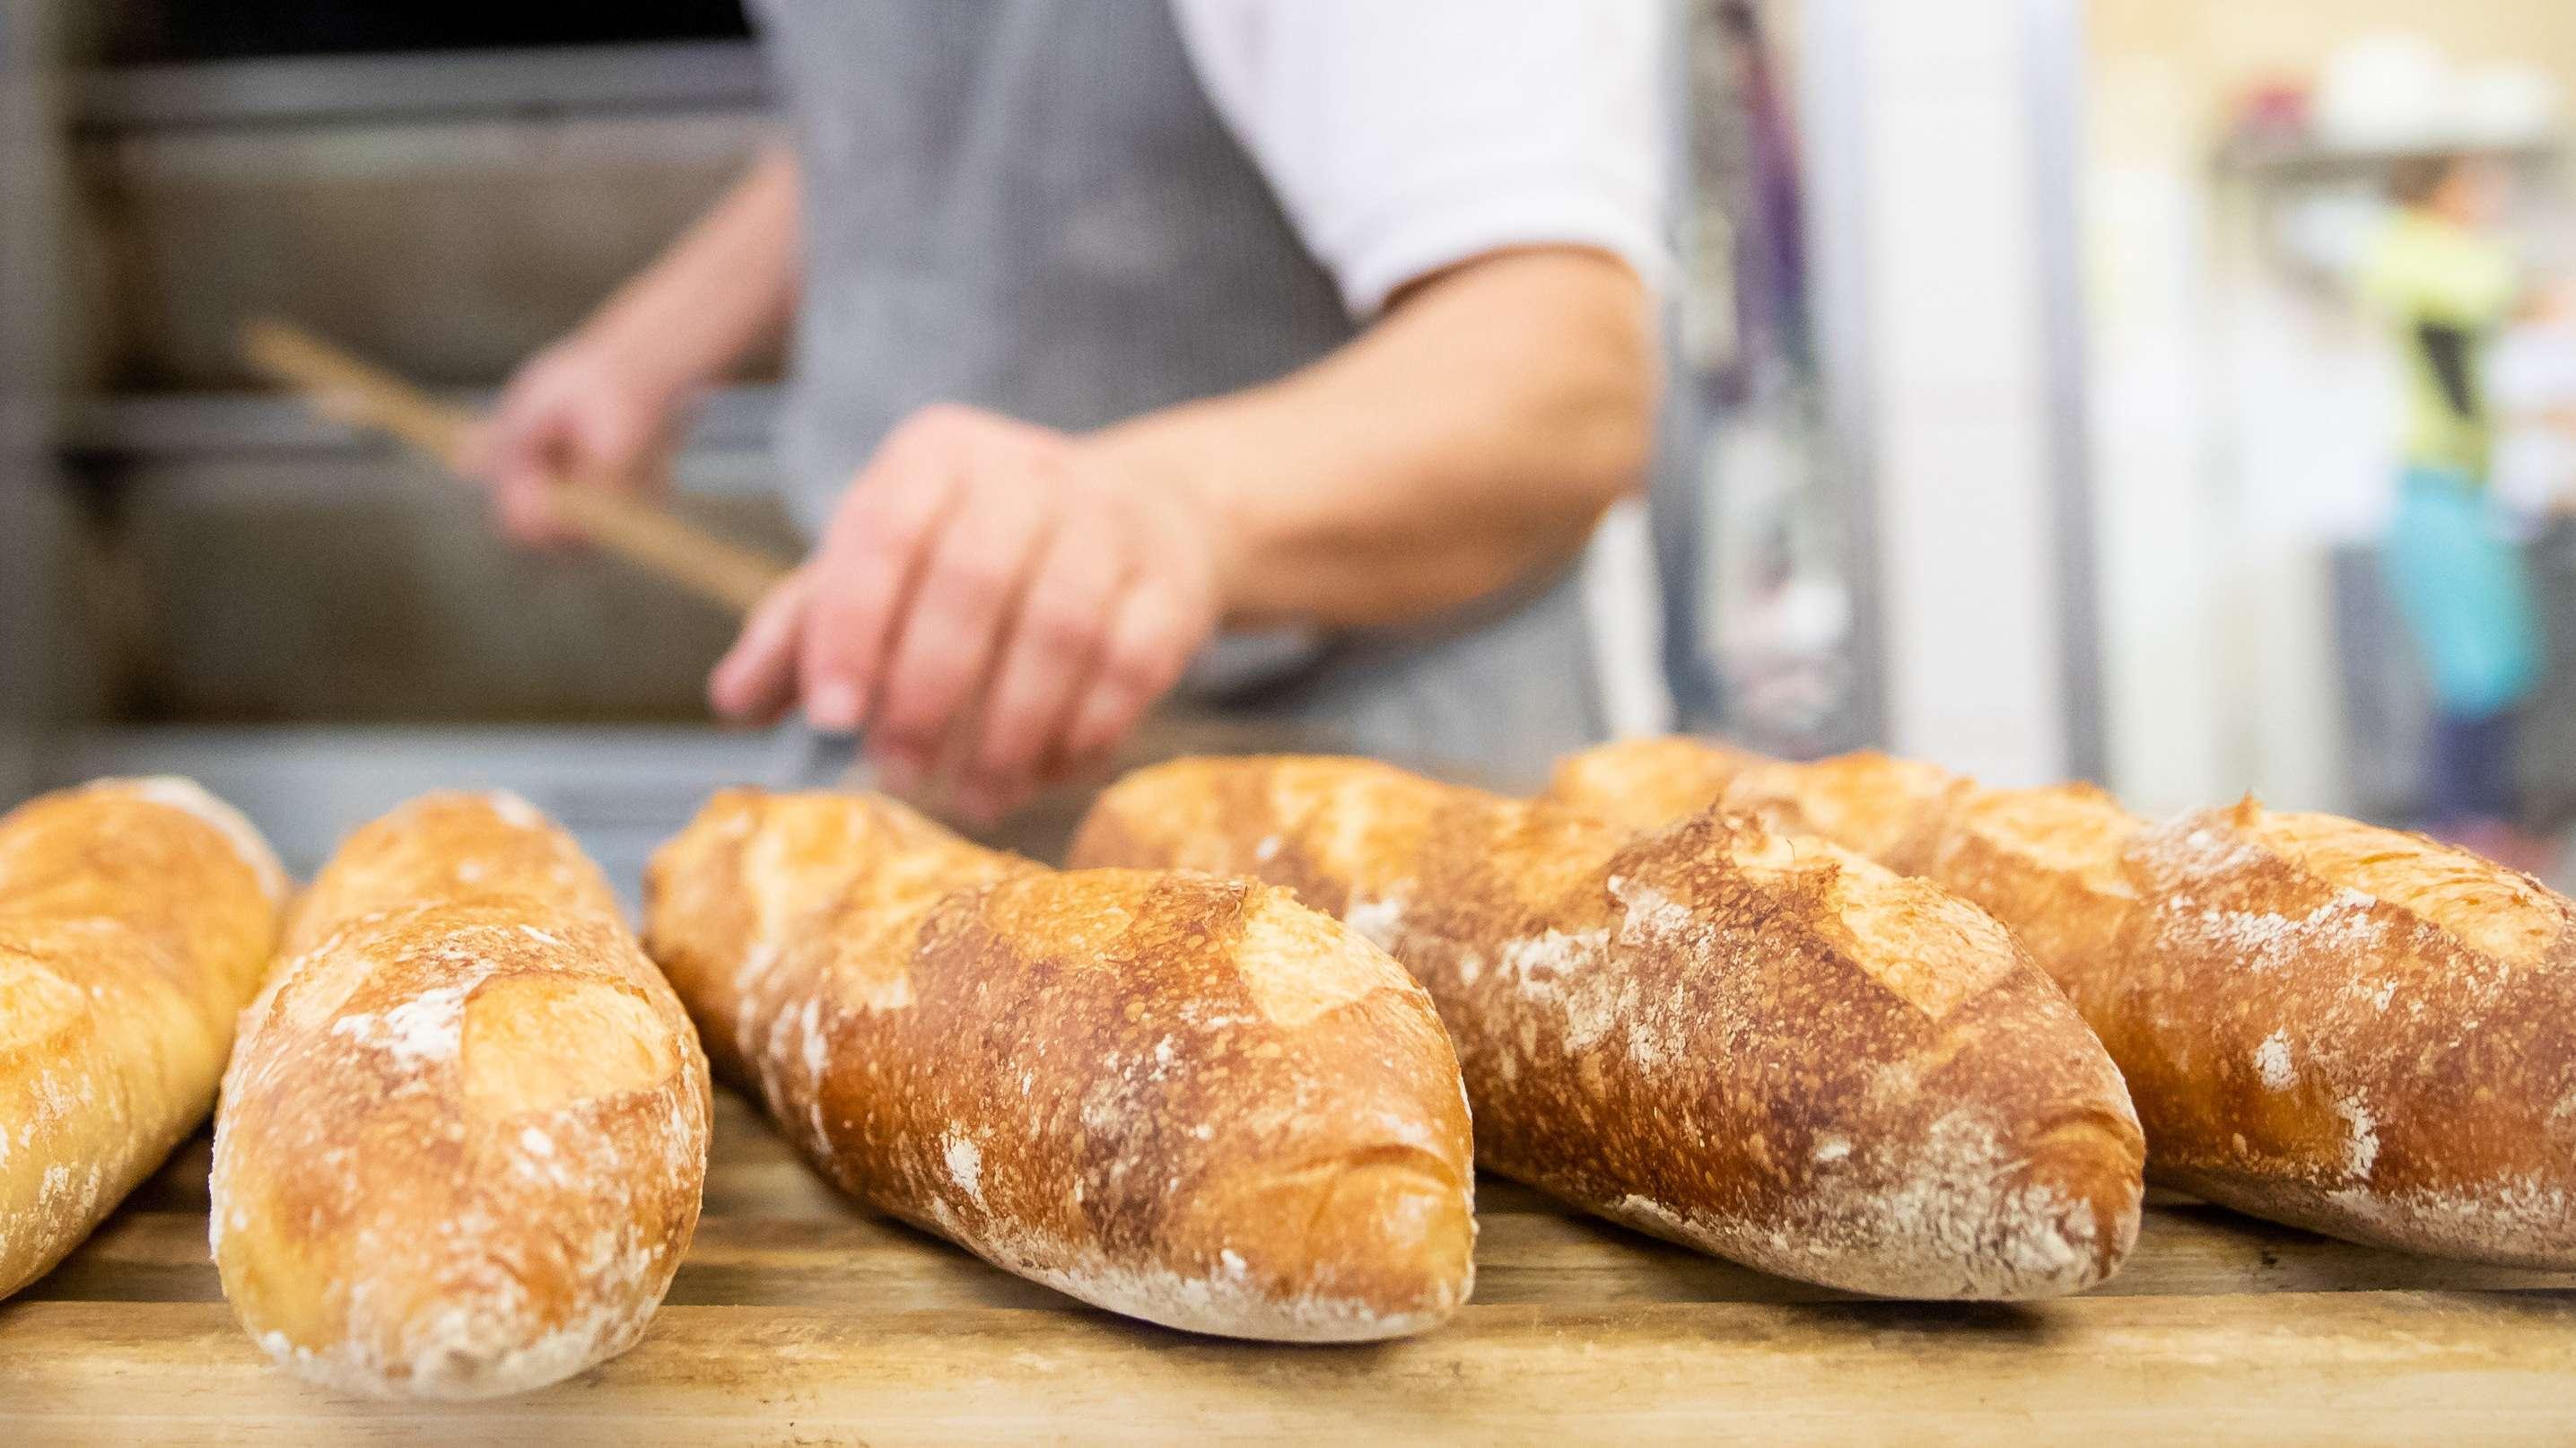 Bayern, Dachsbach: Ein Bäcker- und Konditormeister legt in der Backstube eines Betriebs Baguettes aus dem Ofen auf ein Brett.